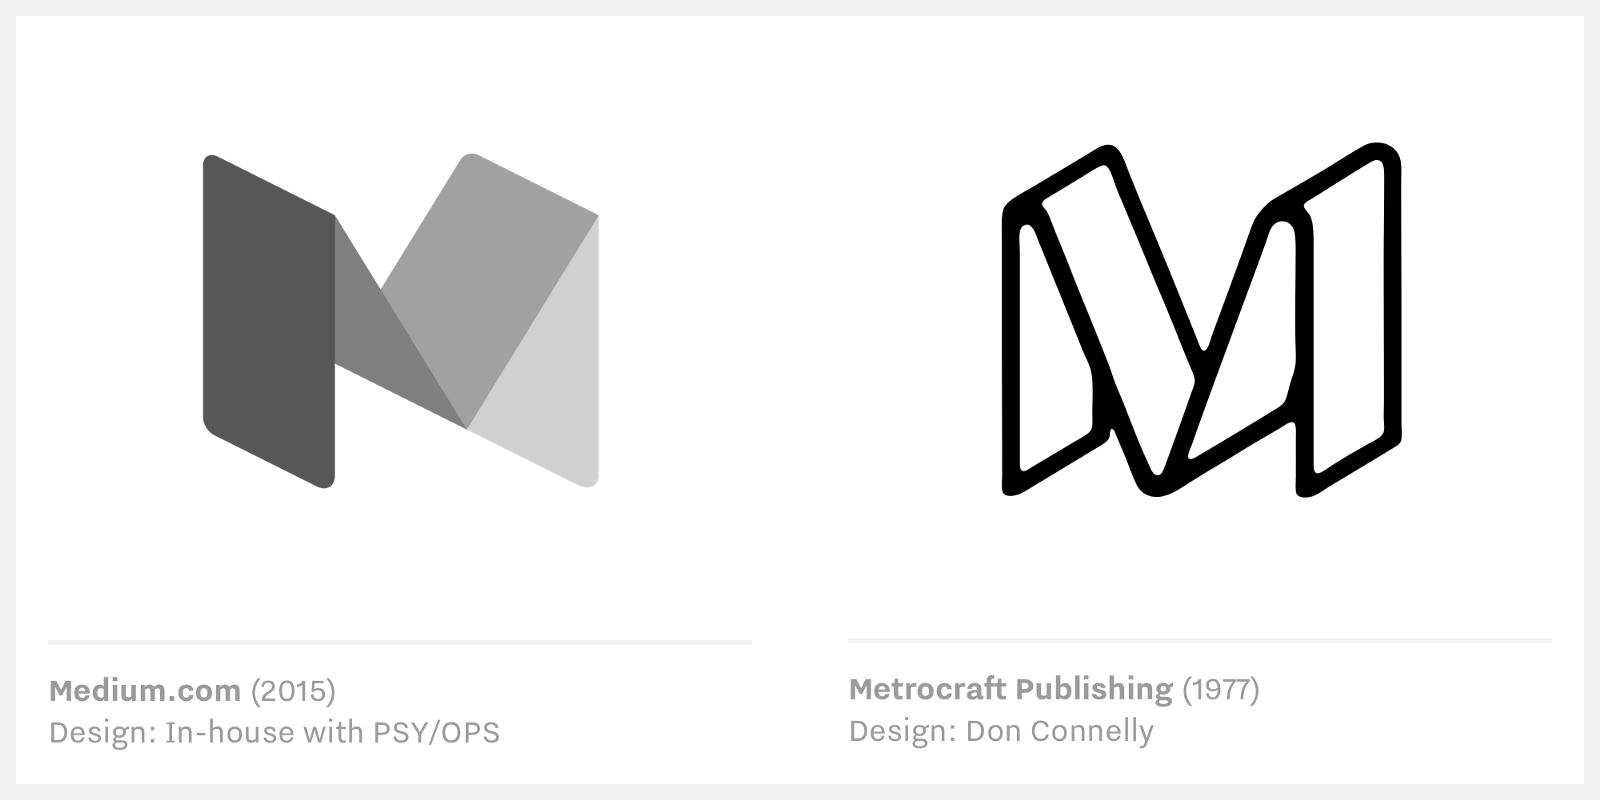 Medium vs Metrocraft Publishing